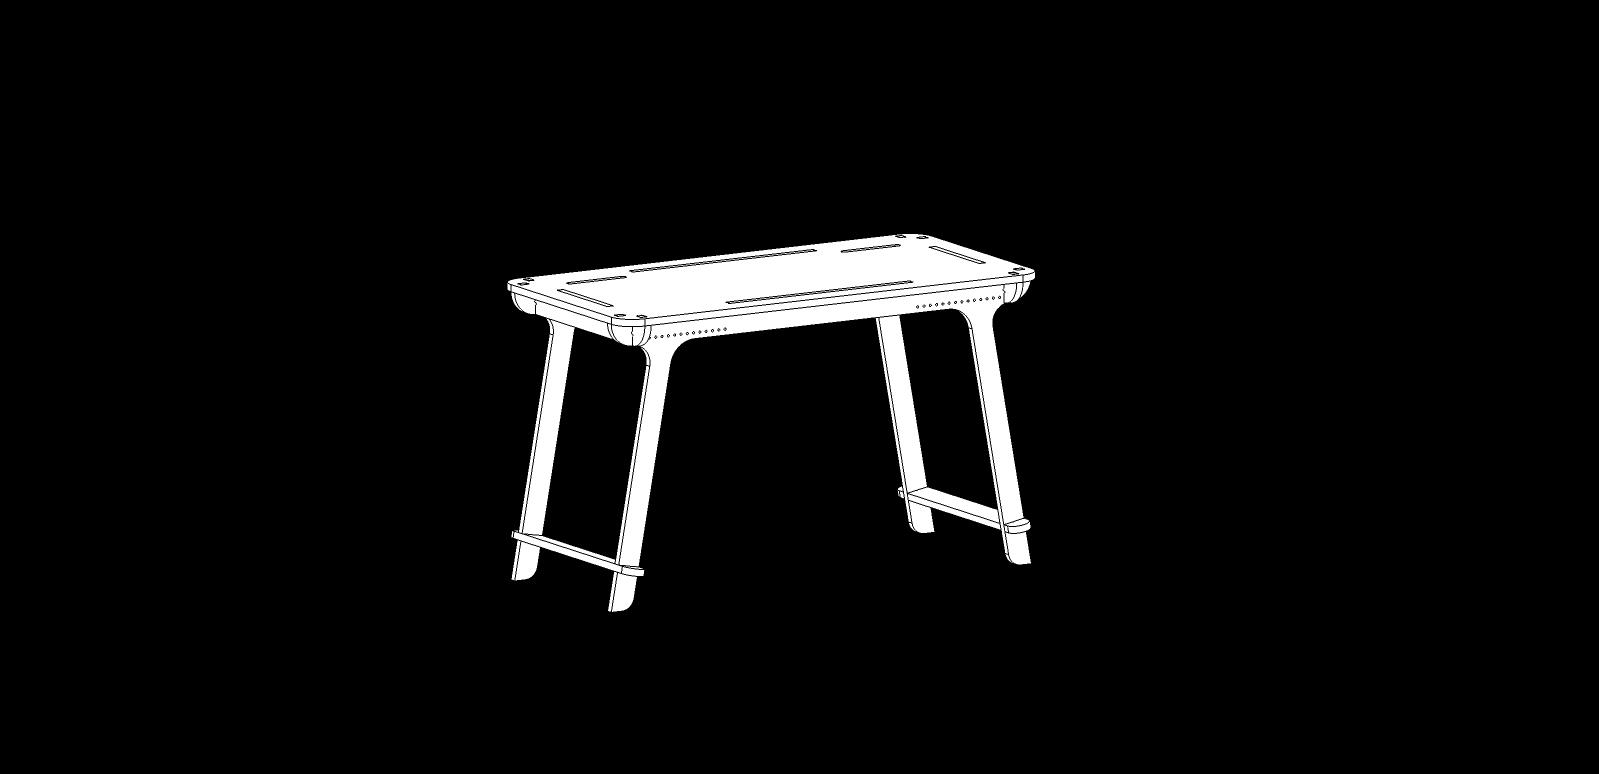 Bureau CNC – Design 02 – 18mm – Elastic Version – Vector_02